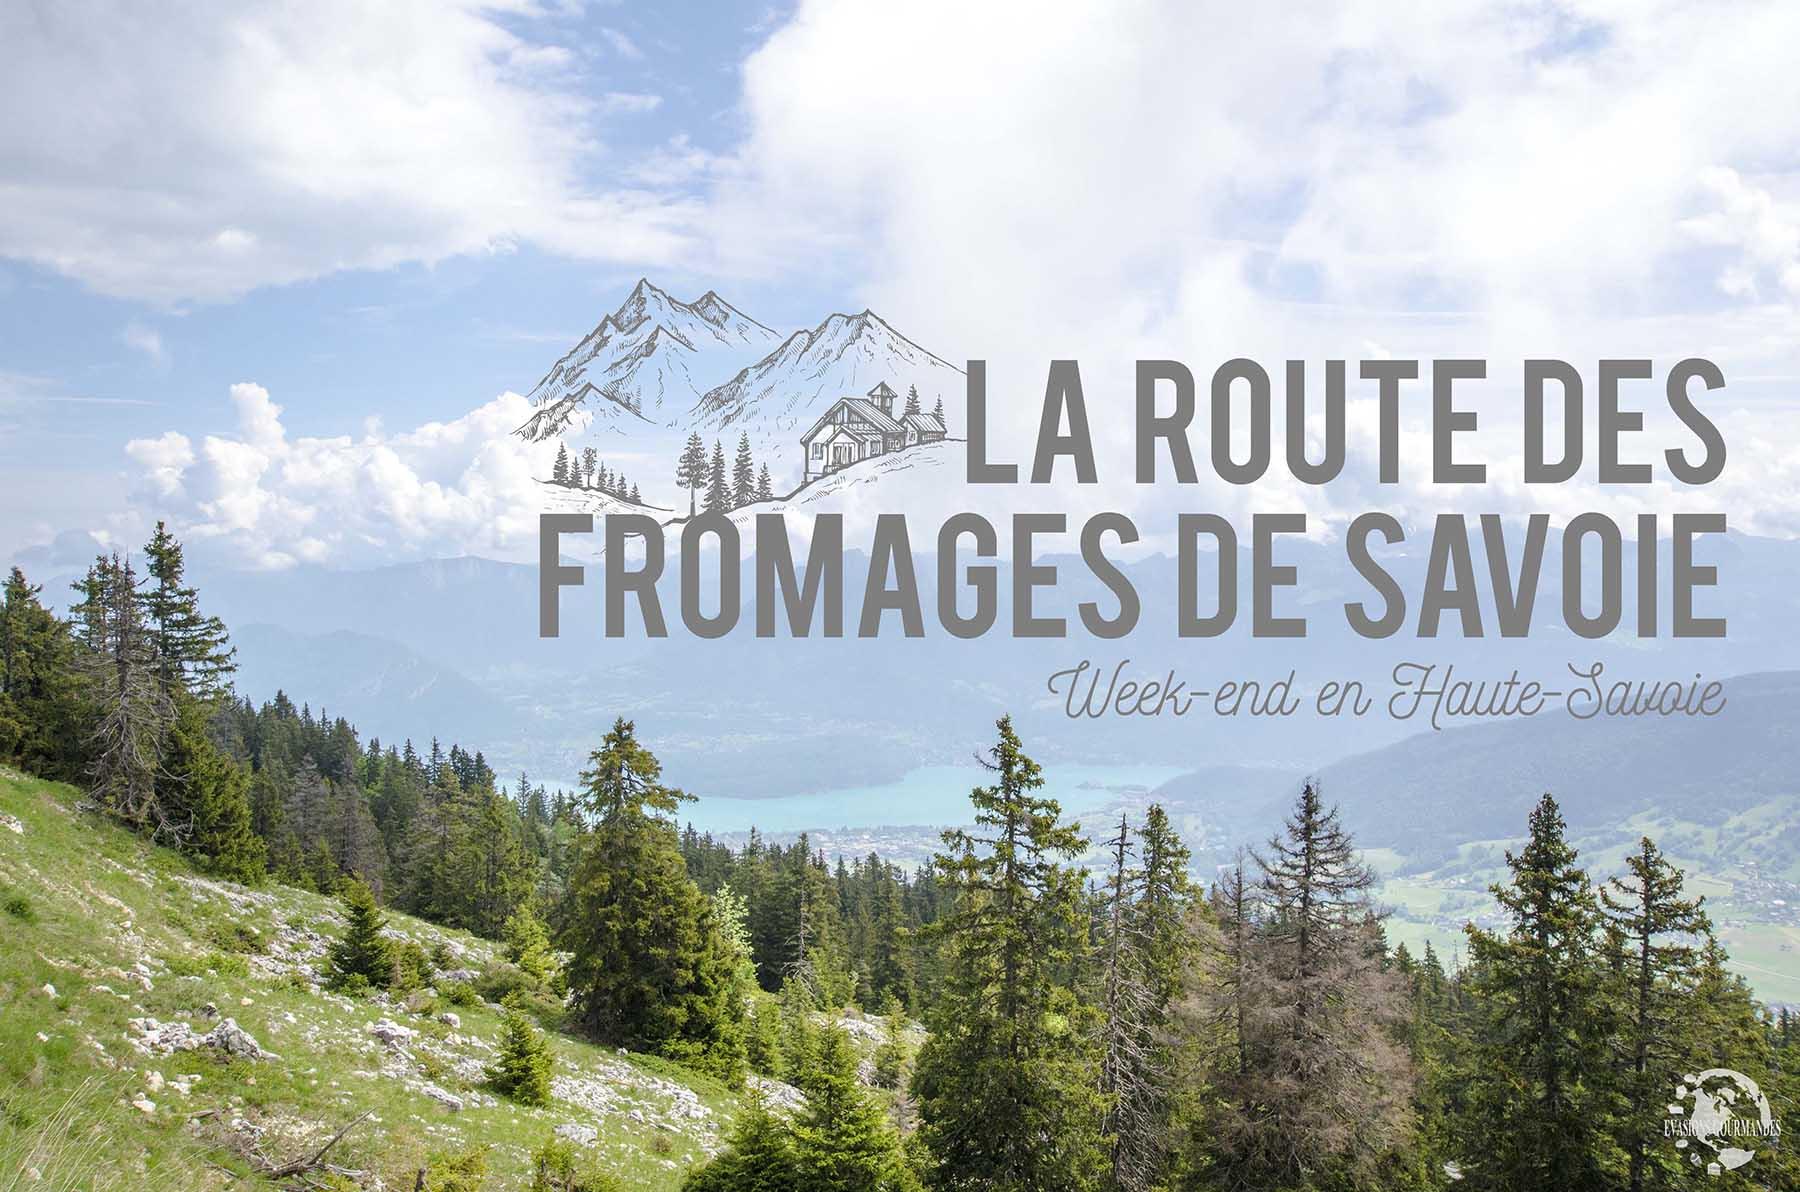 La Route des Fromages de Savoie